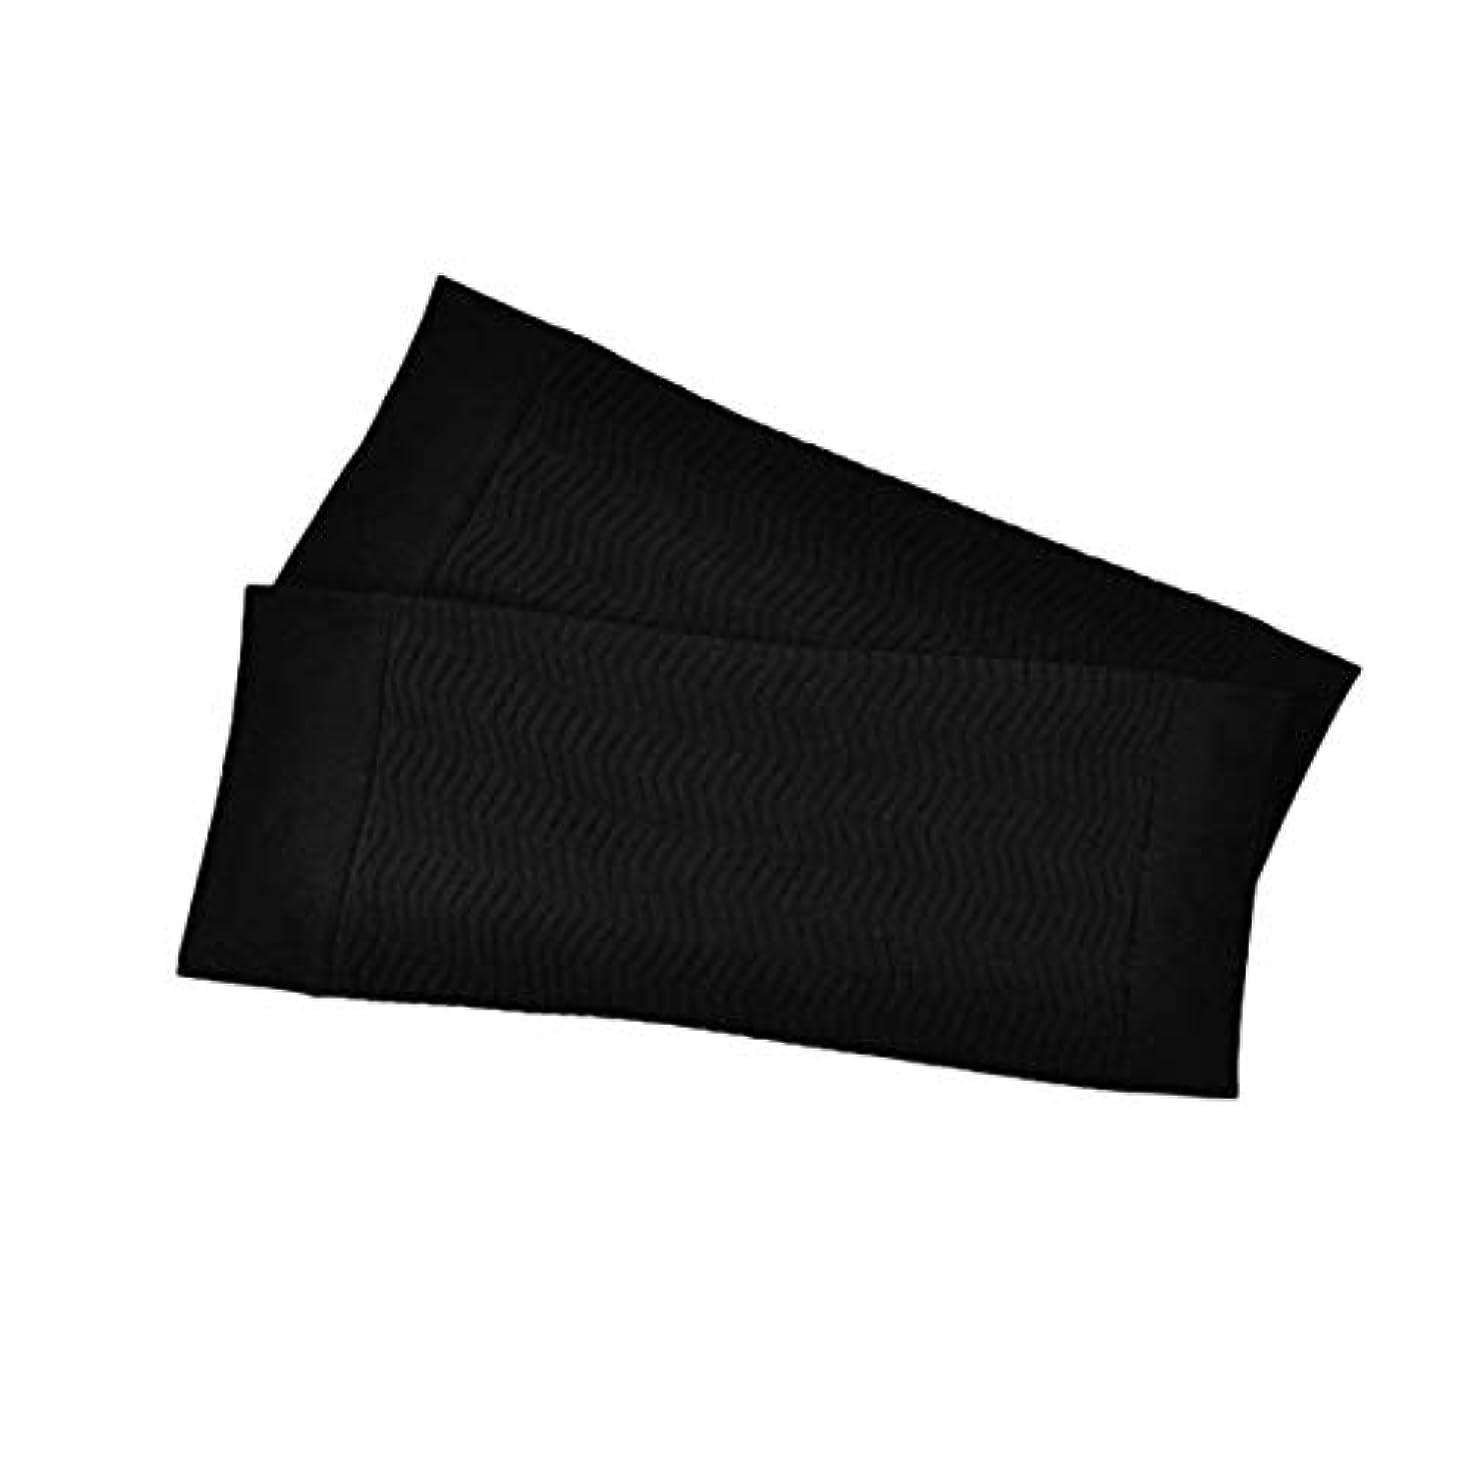 悪性の繊細勃起1ペア680 D圧縮アームシェイパーワークアウトトーニングバーンセルライトスリミングアームスリーブ脂肪燃焼半袖用女性 - ブラック